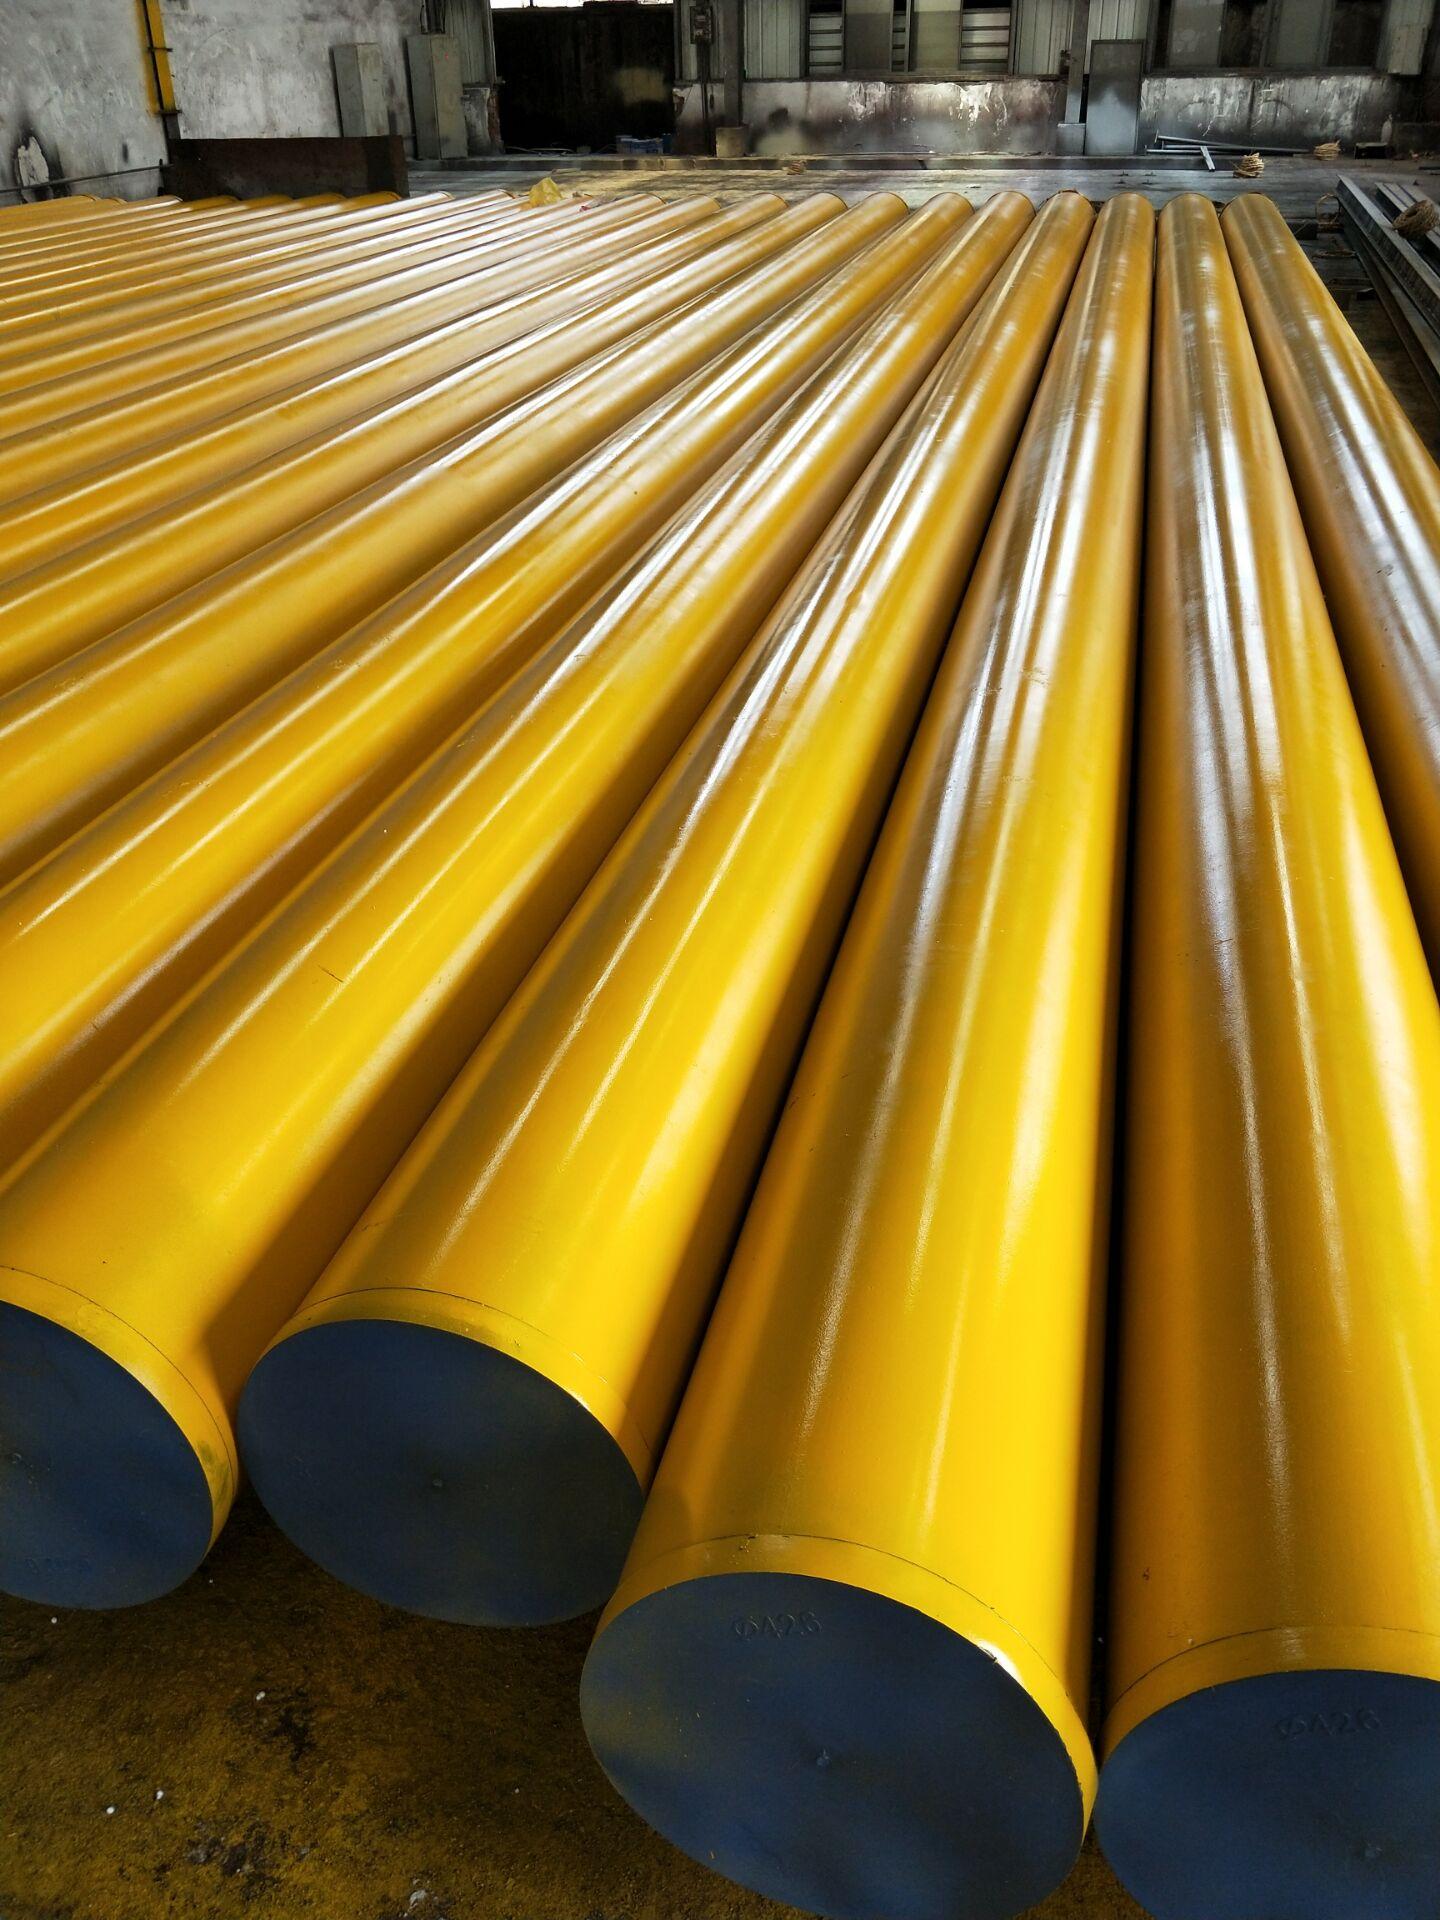 上海苏州地区承接钢材抛丸喷砂喷漆加工各种